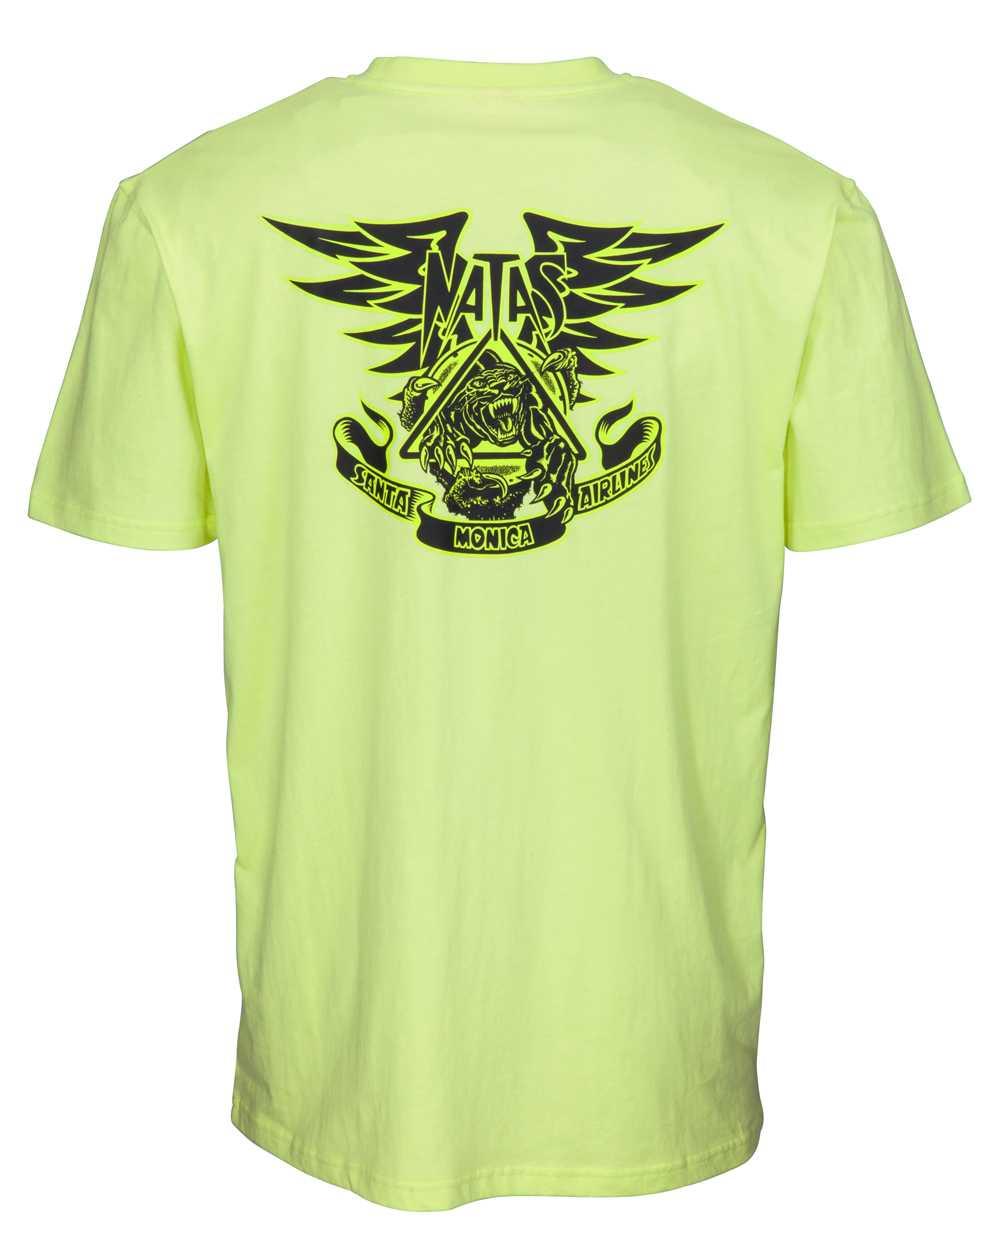 Santa Cruz Men's T-Shirt Natas Panther Limelight